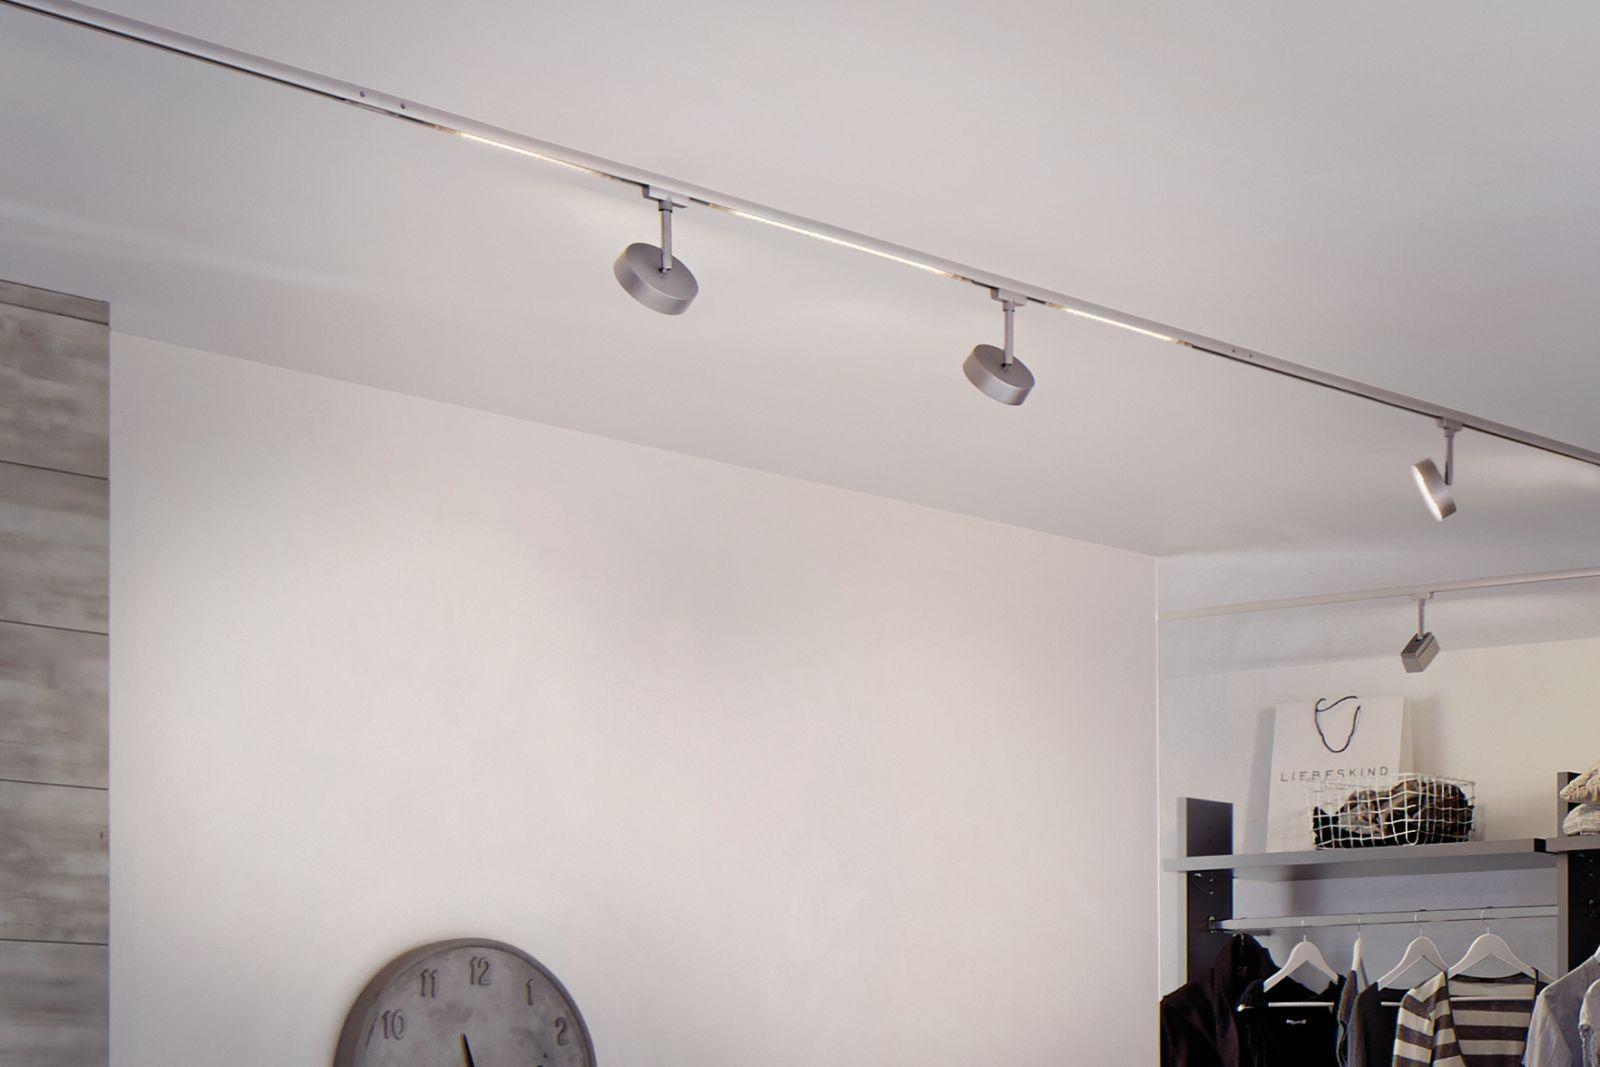 Deckenbeleuchtung Küche Schienensystem